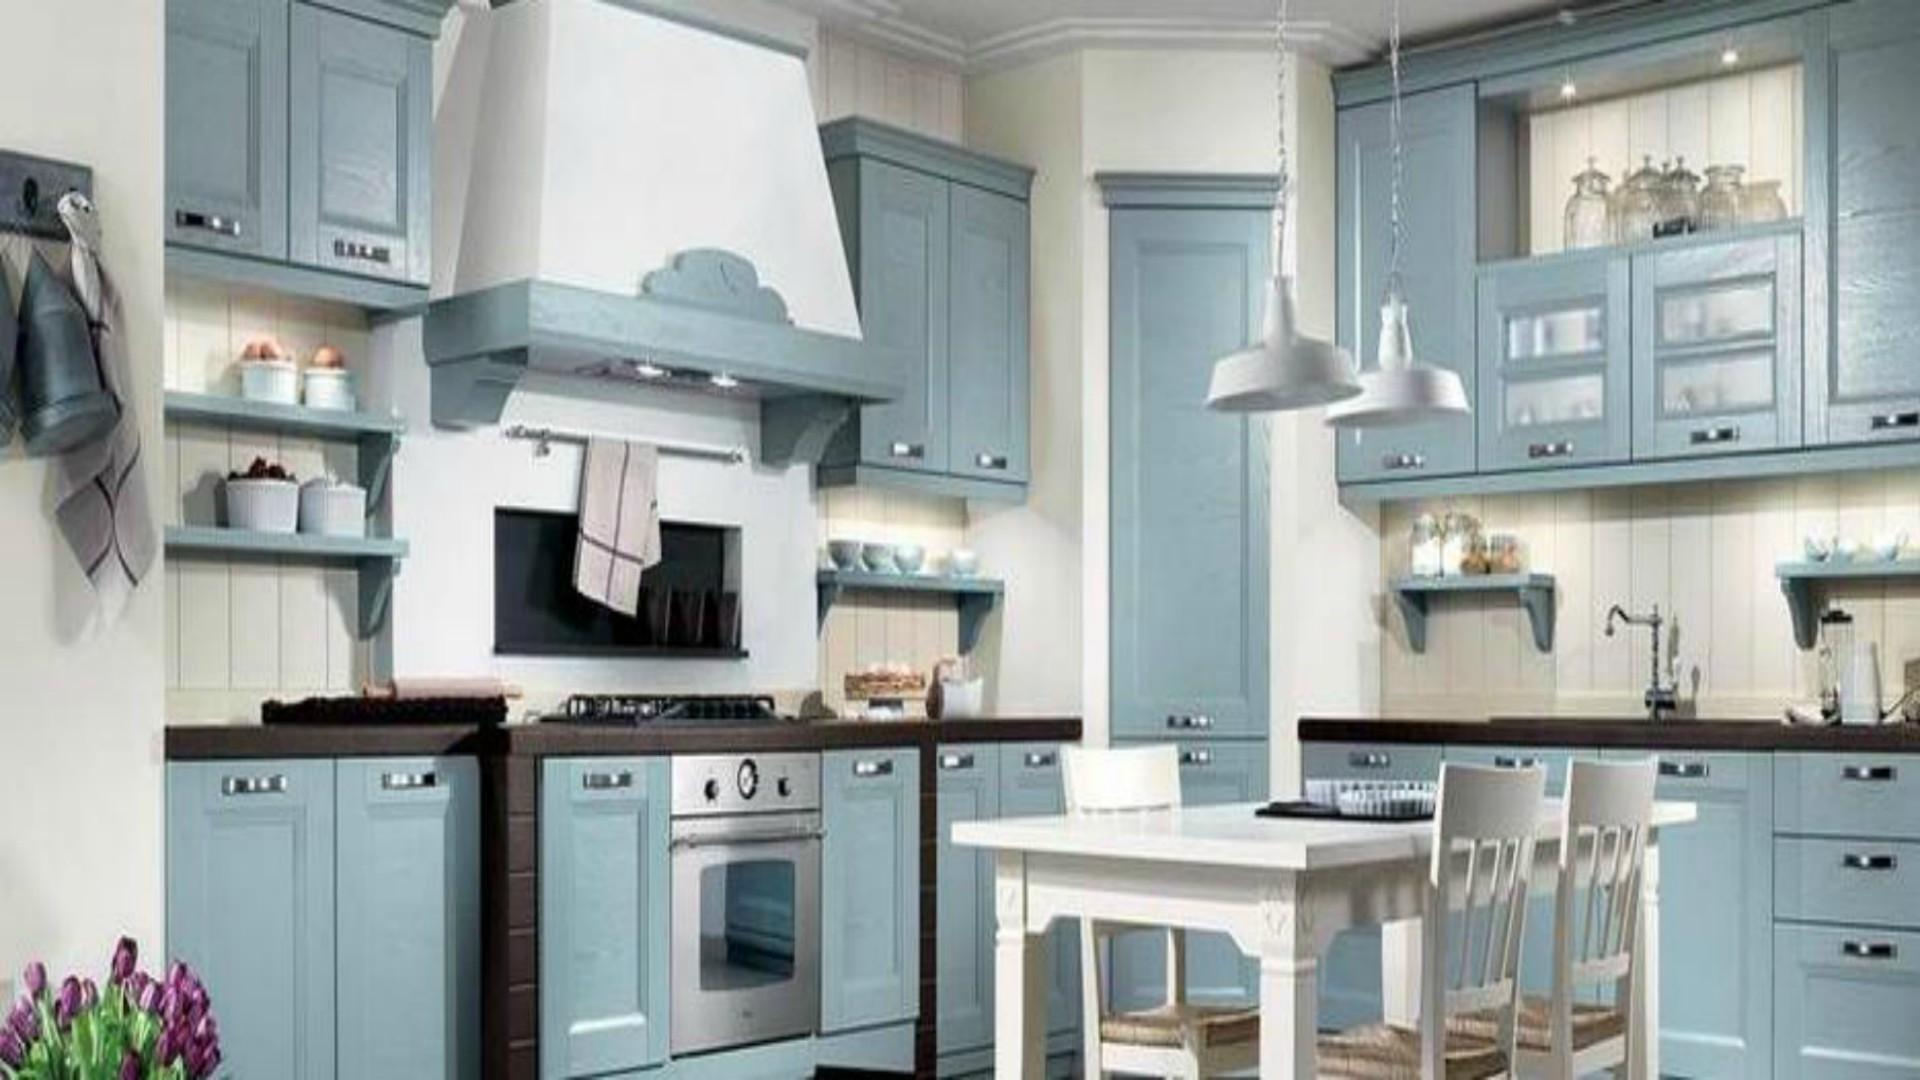 Muebles de cocina en sevilla rajoma s l - Muebles de cocina en sevilla ...